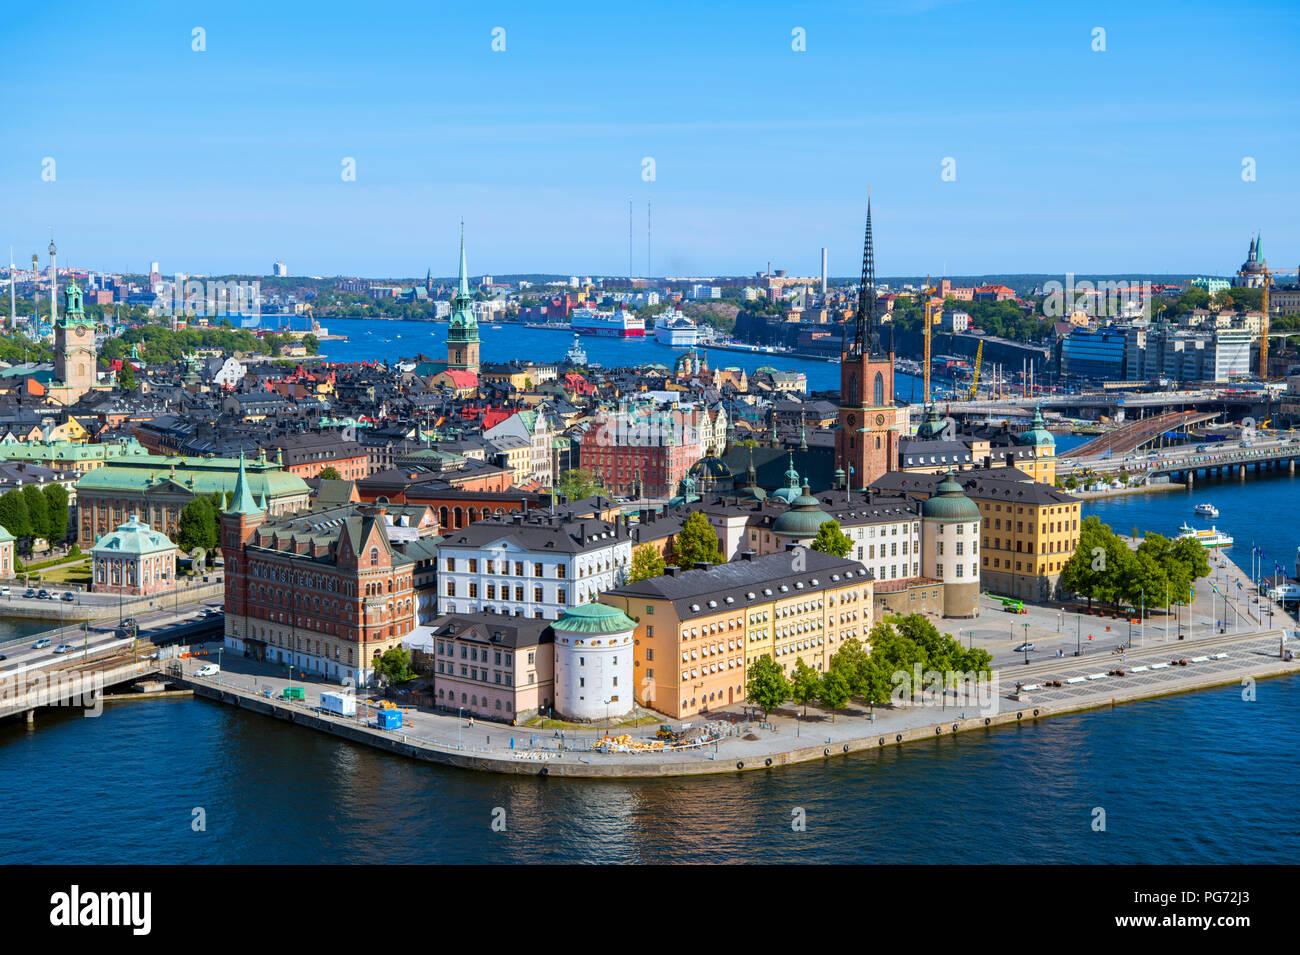 Vista aerea di Riddarholmen e Gamla Stan (la Città Vecchia) dalla Torre del Municipio di Stoccolma (Stadshuset), Kungsholmen, Stoccolma, Svezia Immagini Stock